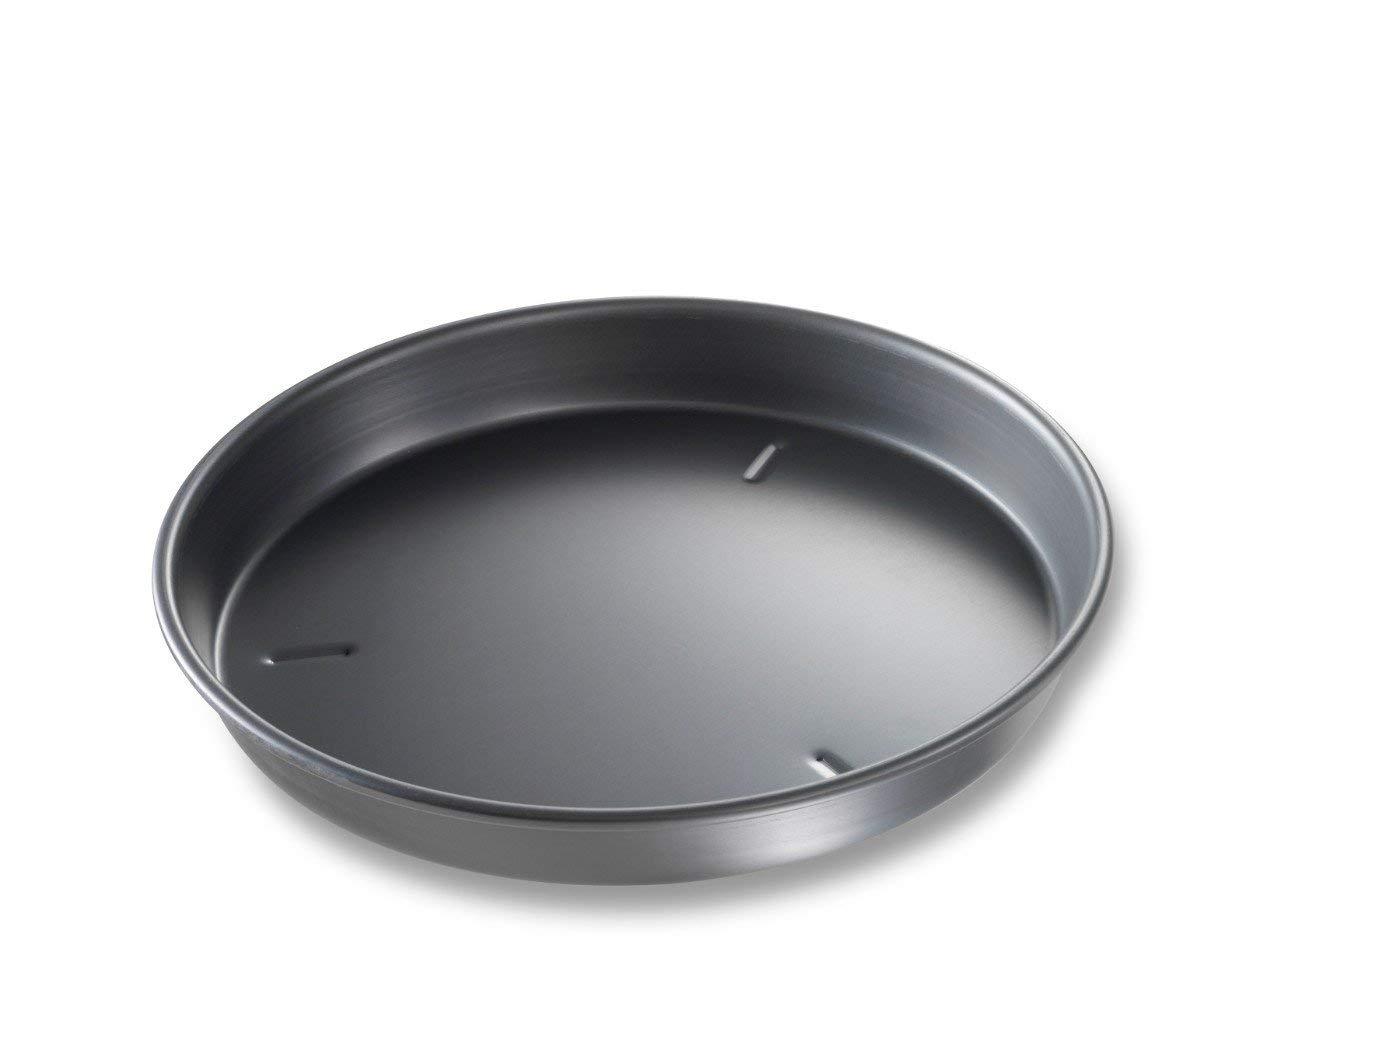 """USA Pan Pizza Pan - 12"""" - Deep Dish - Non-stick"""